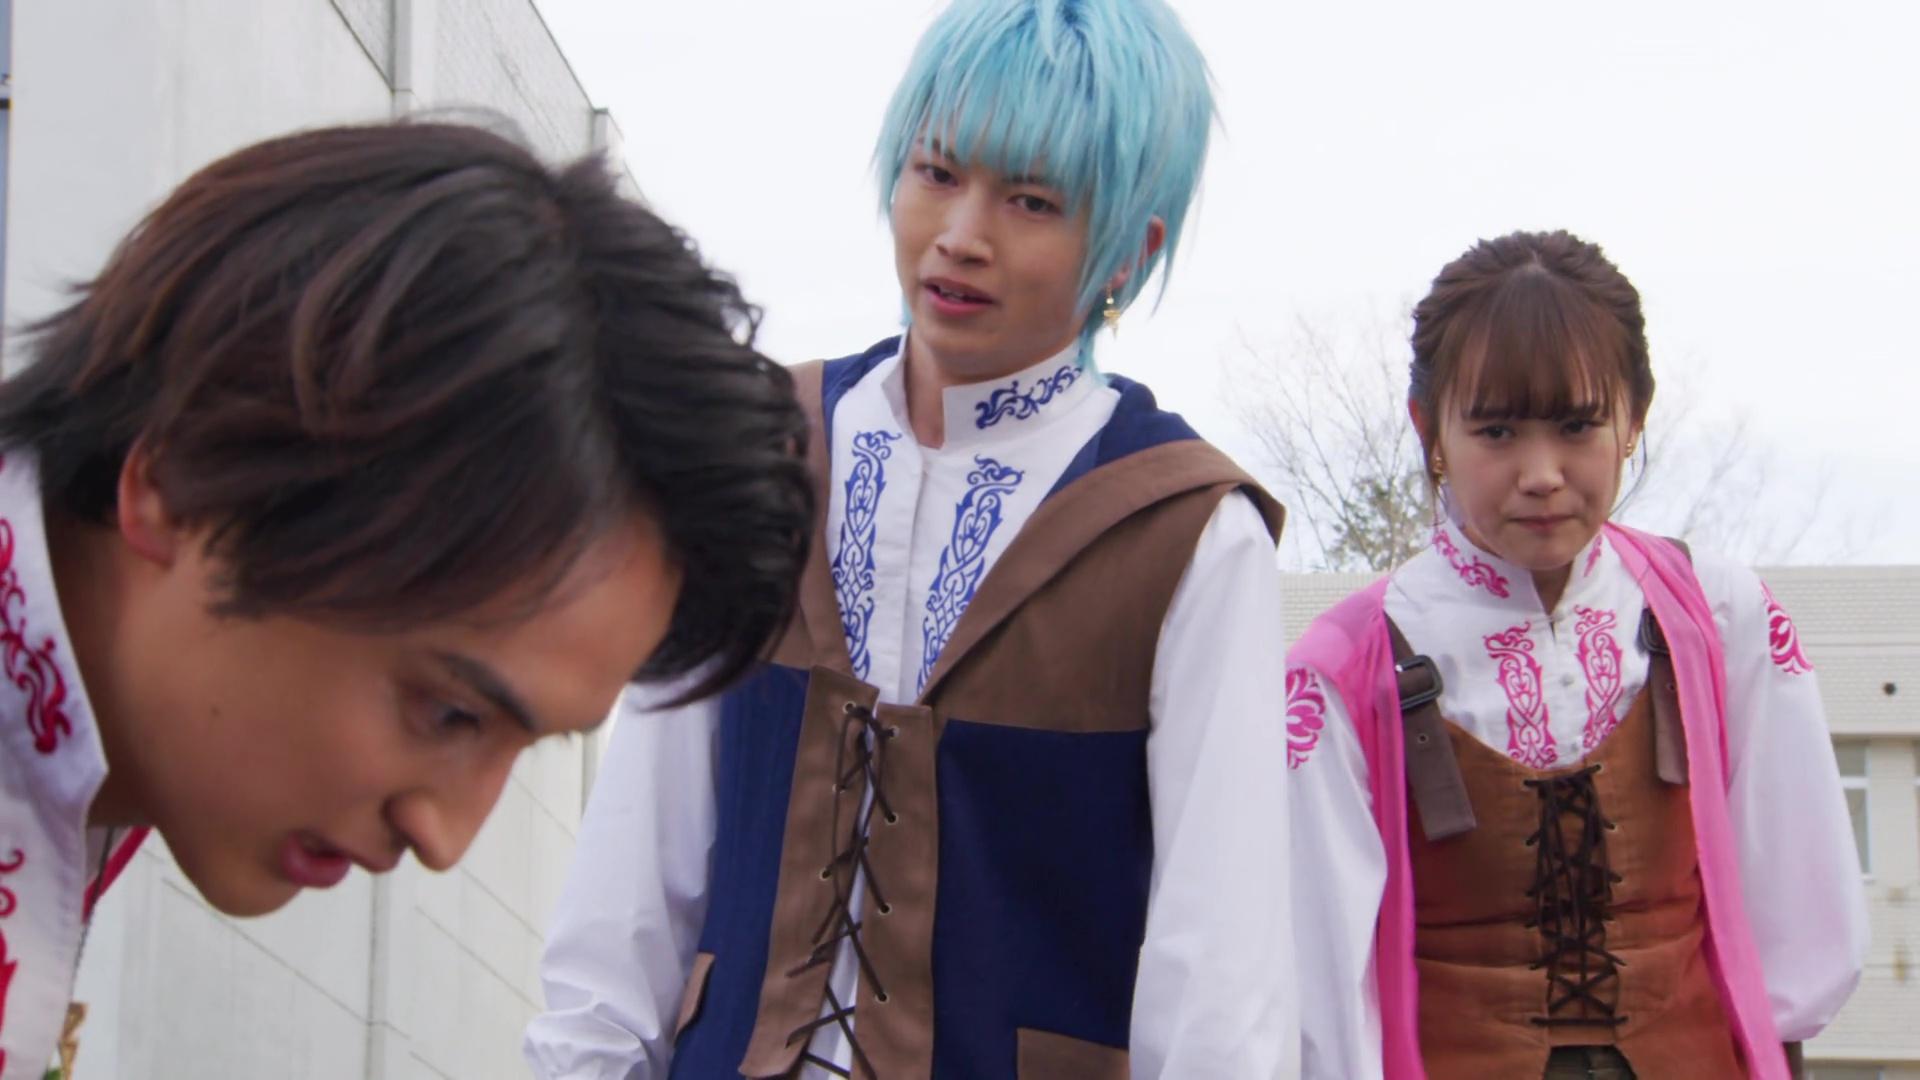 Kishiryu Sentai Ryusoulger Episode 5